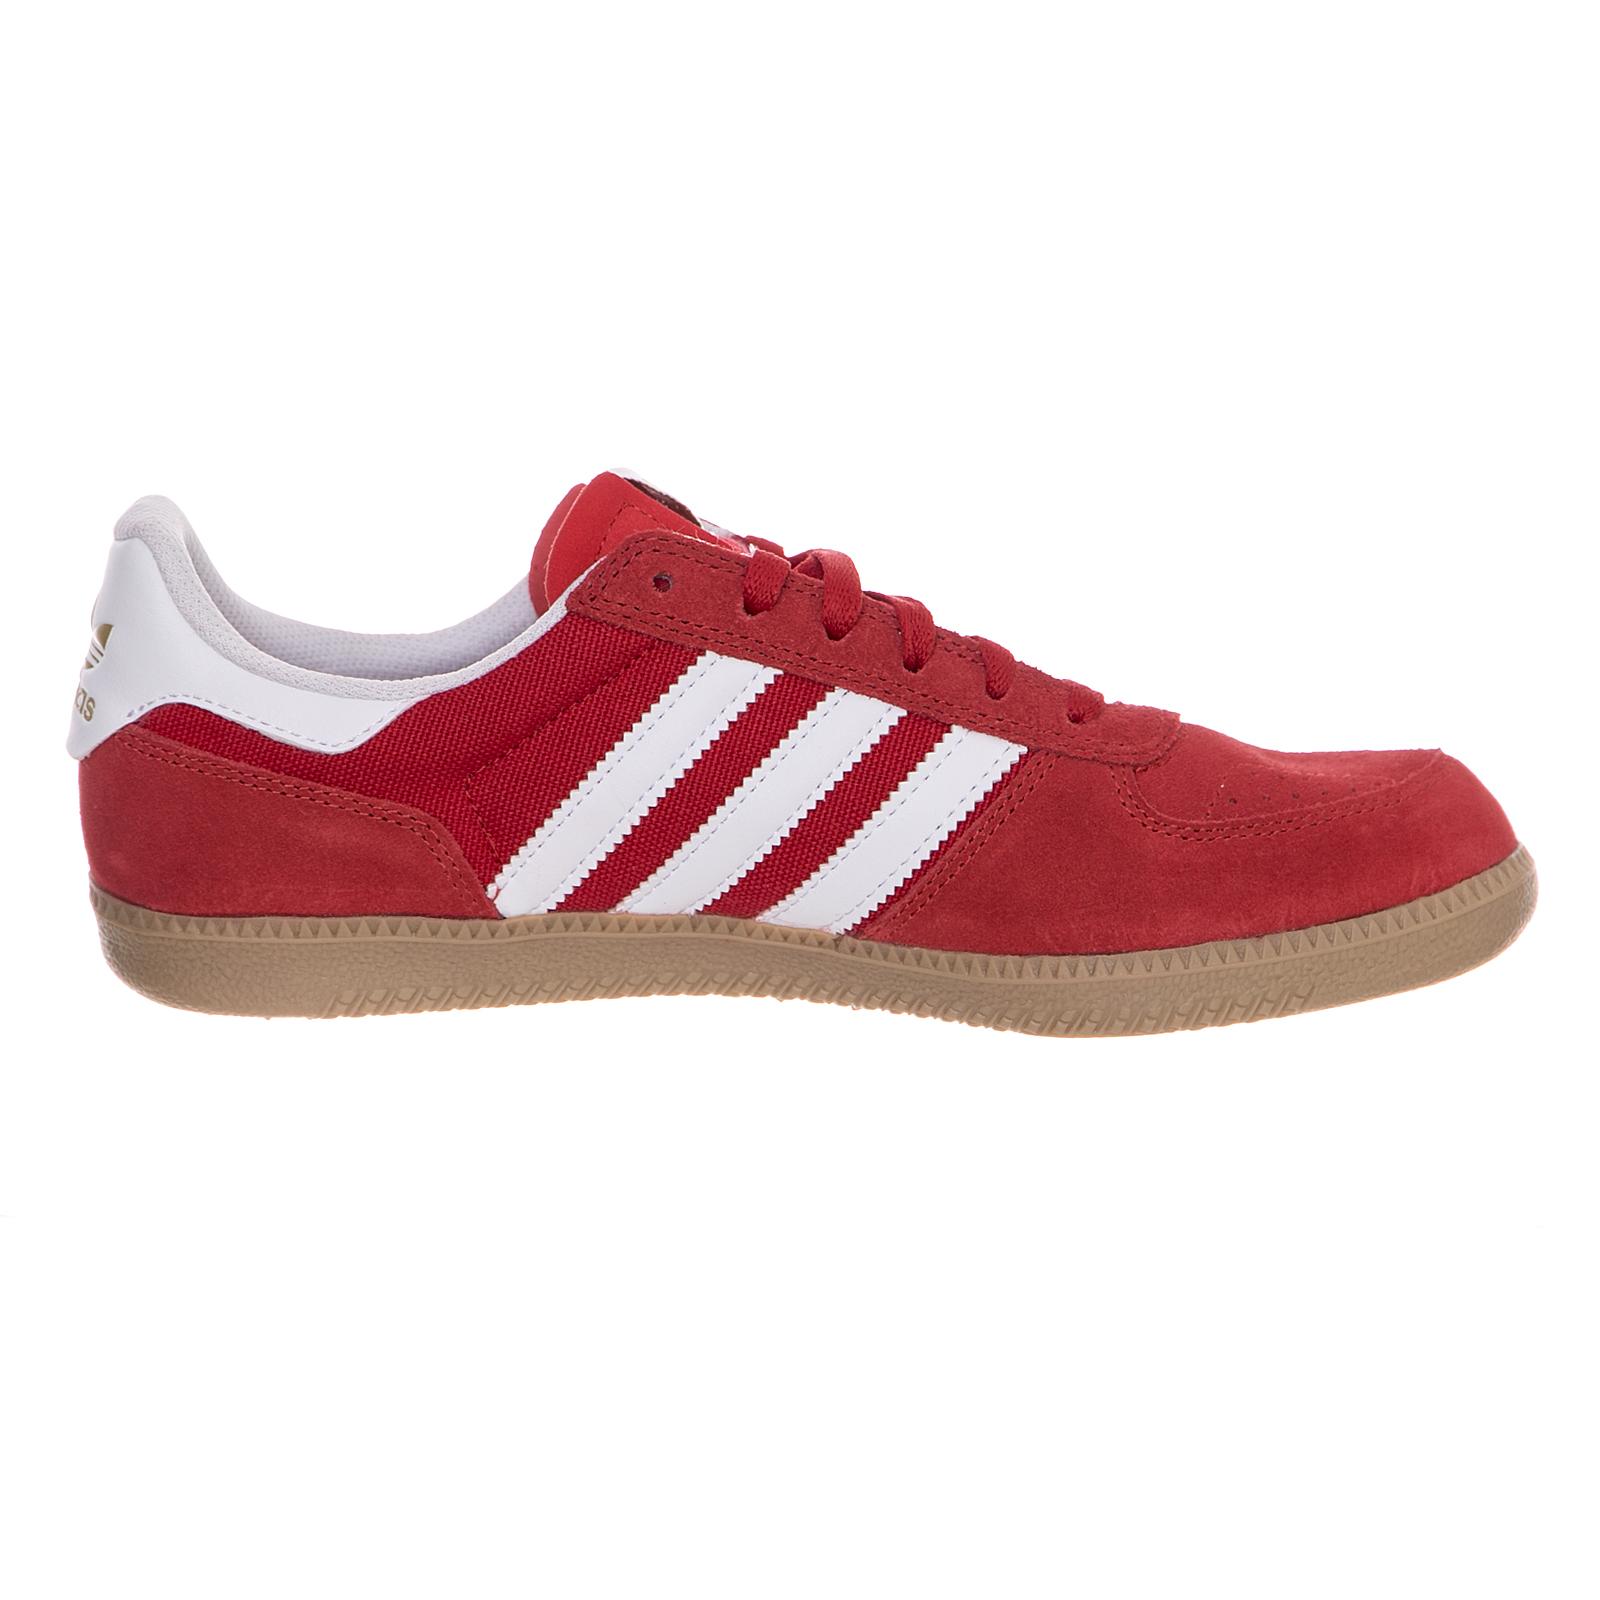 Rosso Leonero White Gum Adidas Scarlet Sneakers 7pqxH8U